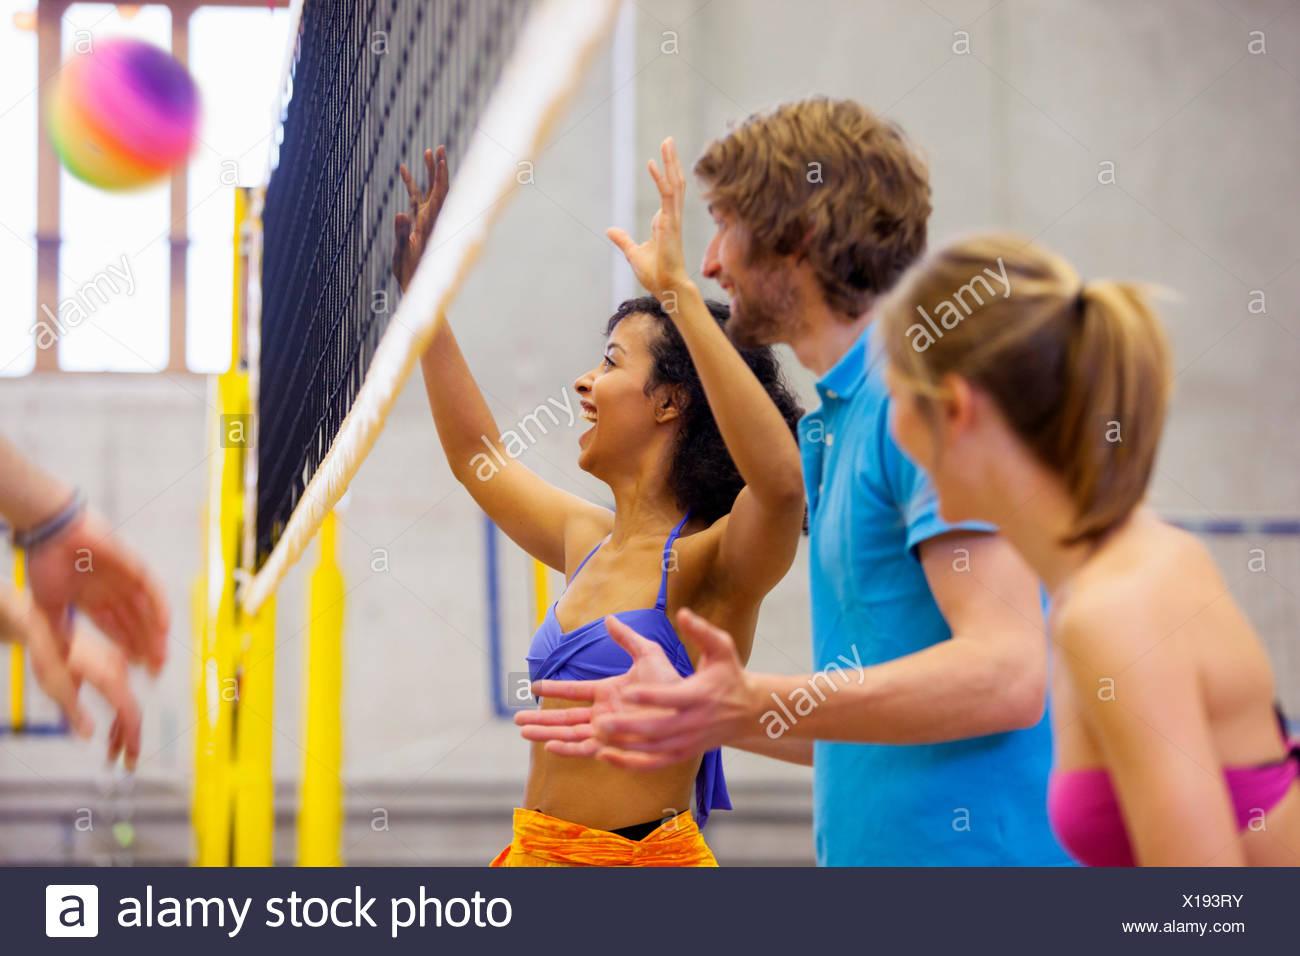 Amigos disfrutando de voleibol de playa en interiores Imagen De Stock